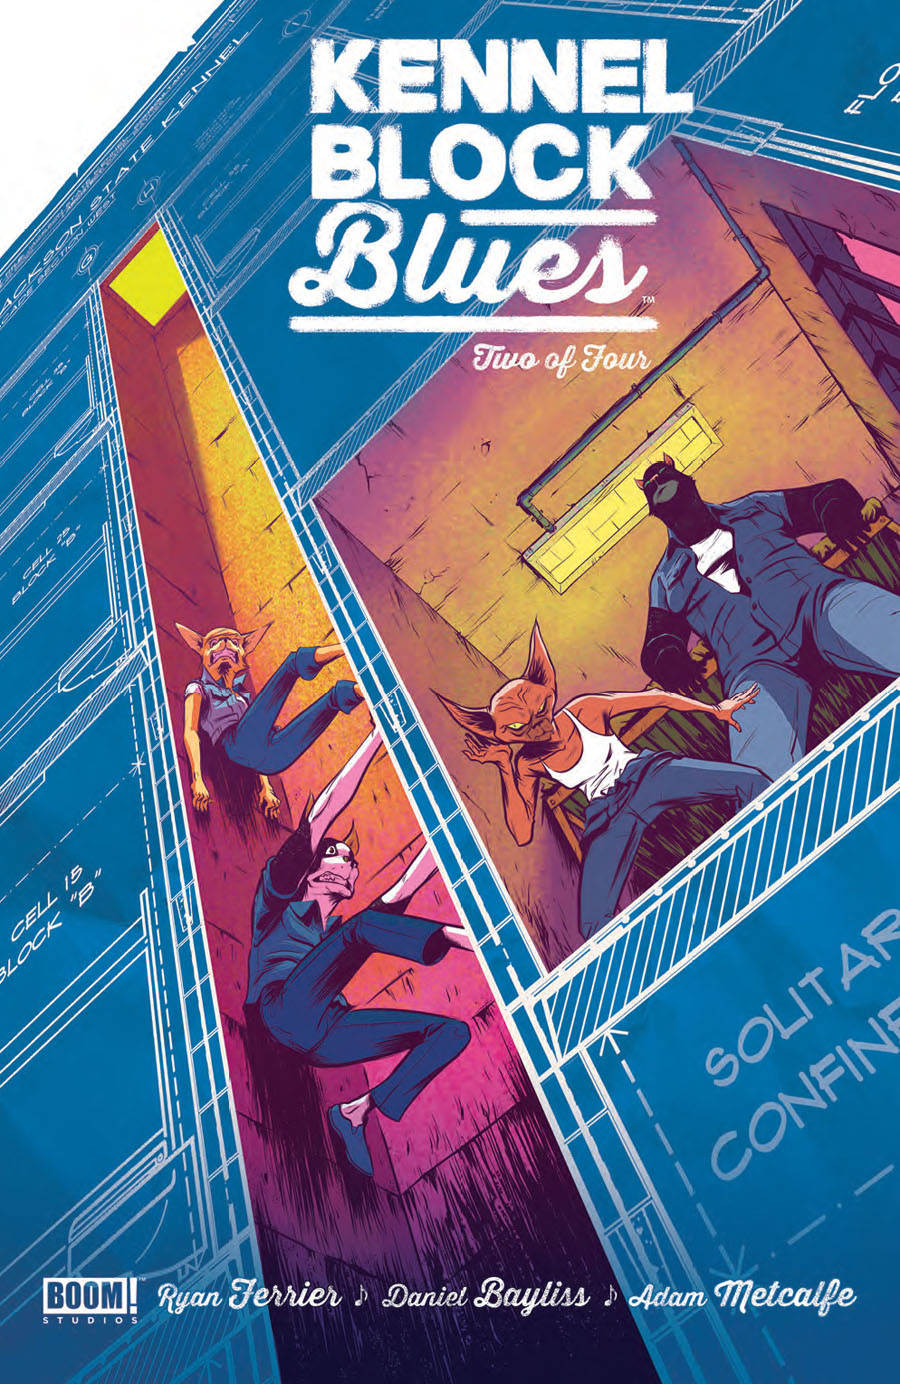 Kennel Block Blues #2